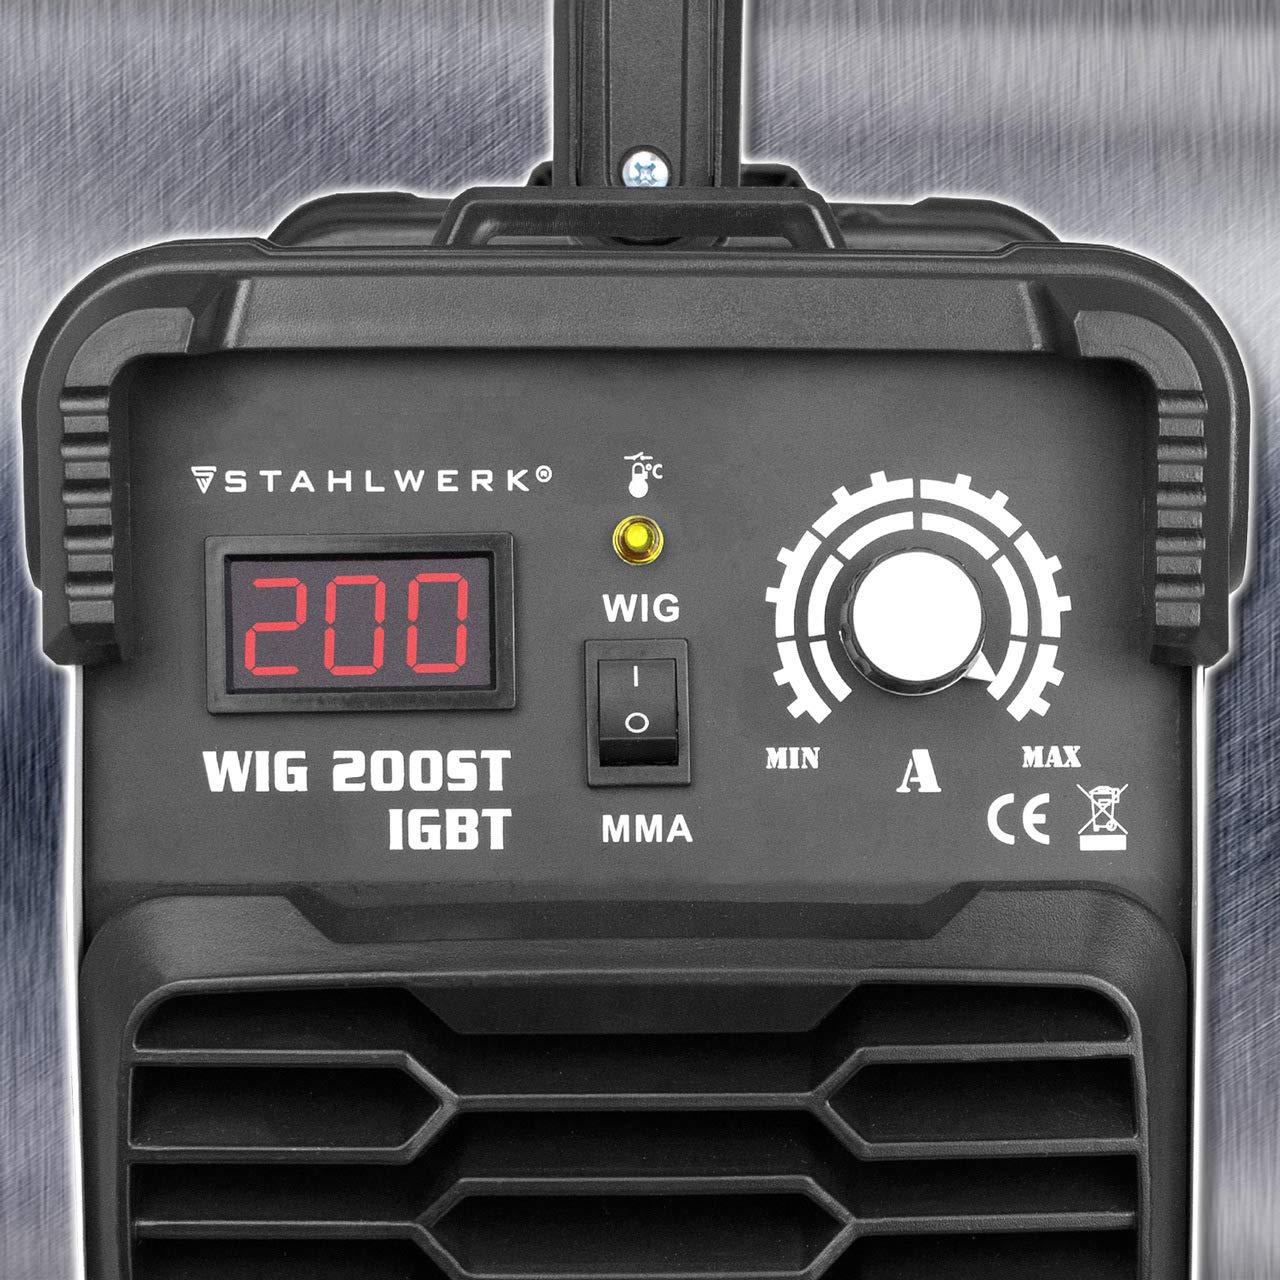 Acero de DC Wig 200 ST IGBT - Combinado Wig sudor dispositivo con 200 amperios y MMA S de mano, 5 años de garantía, soldadura de acero, acero inoxidable, ...